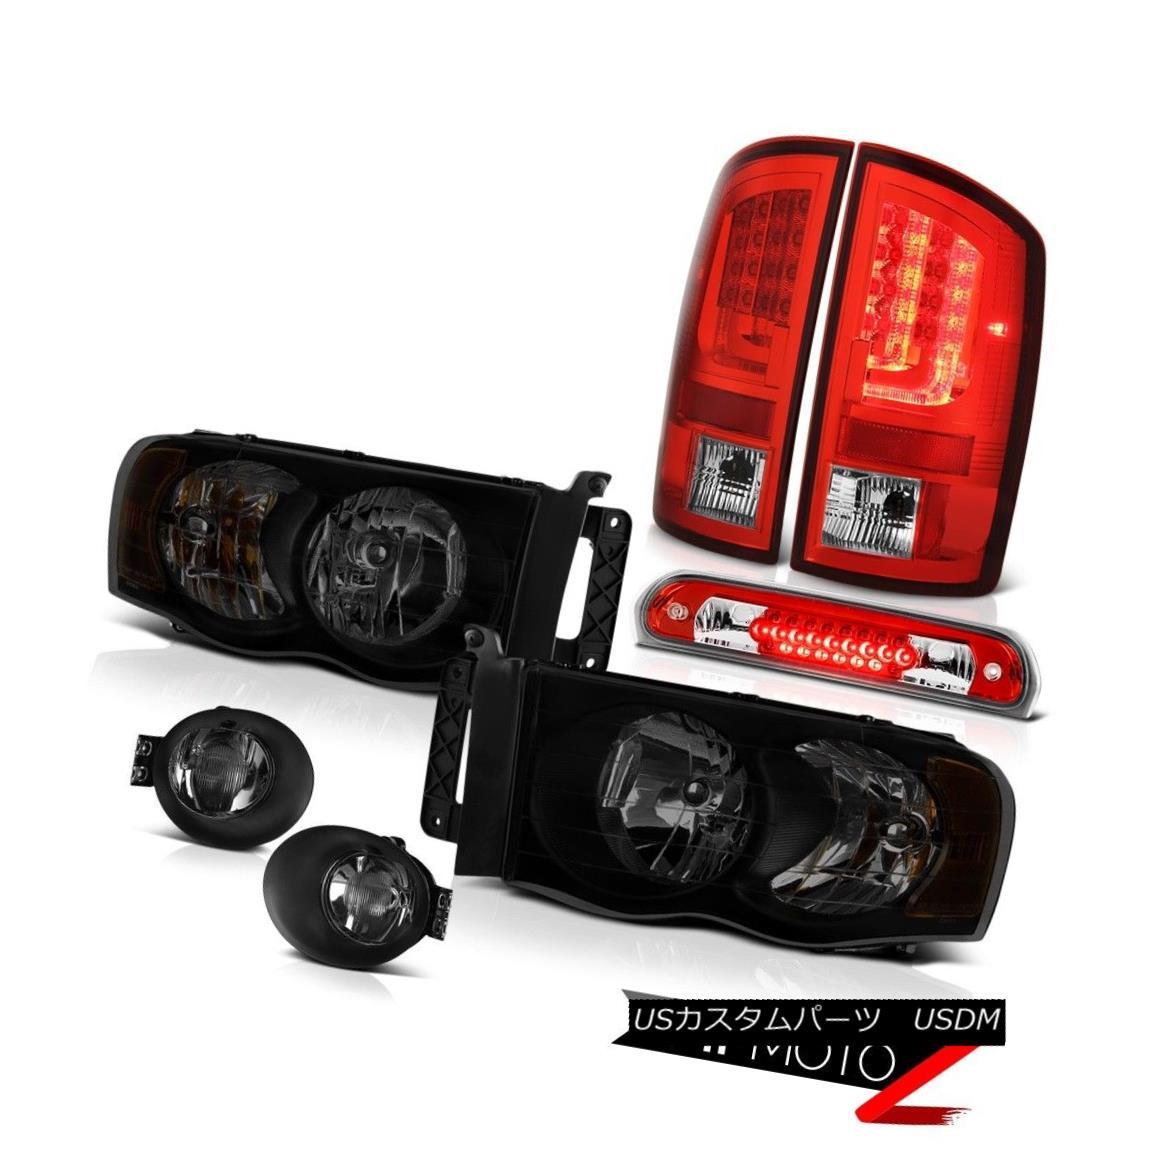 テールライト 2002-2005 Dodge Ram 1500 ST Tail Lights Smoked Foglamps Headlamps Roof Cab Lamp 2002-2005 Dodge Ram 1500 STテールライトスモークフォグランプヘッドランプルーフキャブランプ